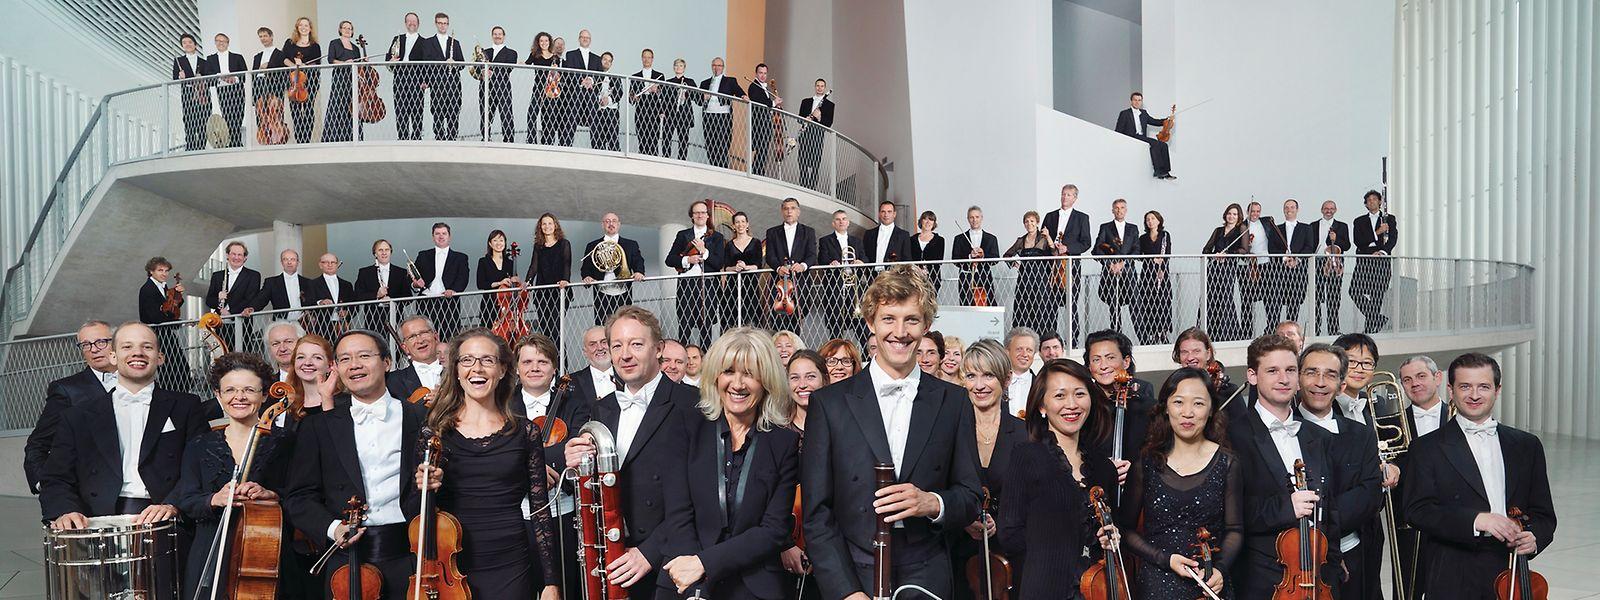 O concerto da Orquestra Filarmónica do Luxemburgo é uma das nossas propostas culturais para os próximos dias.